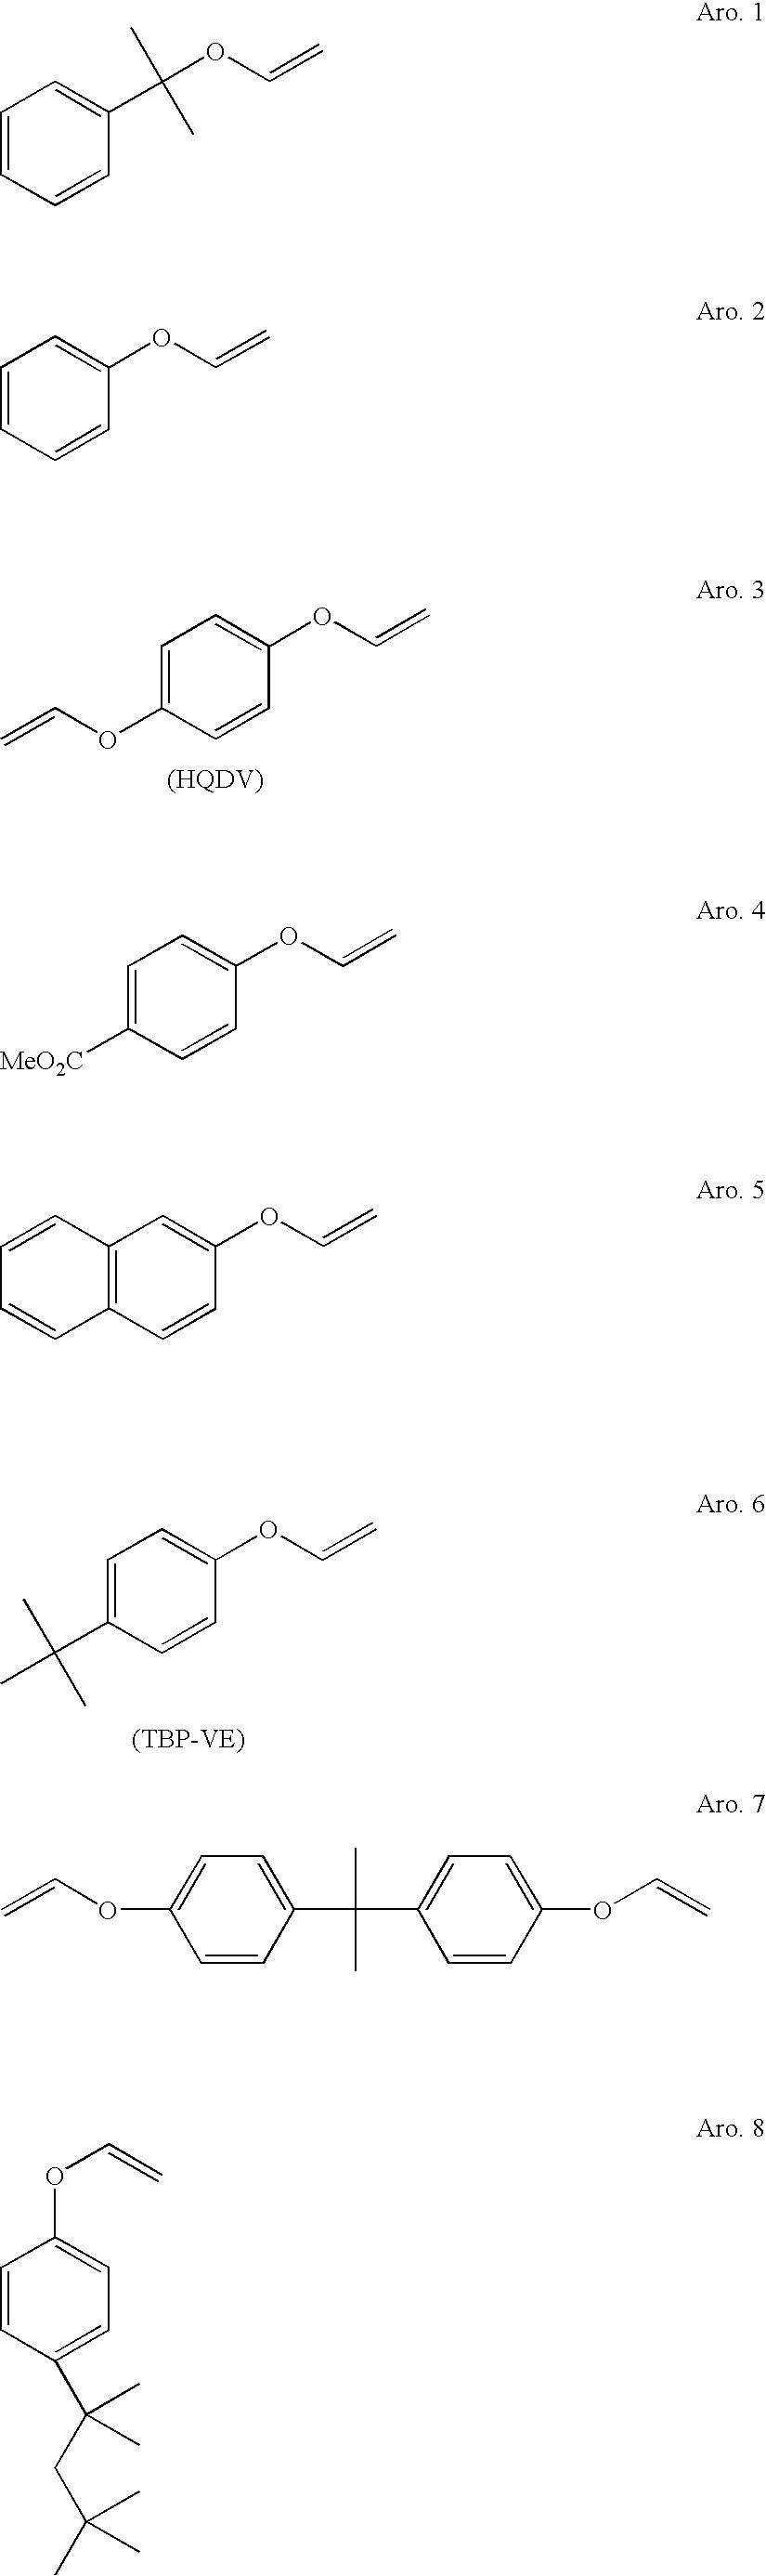 Figure US20100026771A1-20100204-C00003